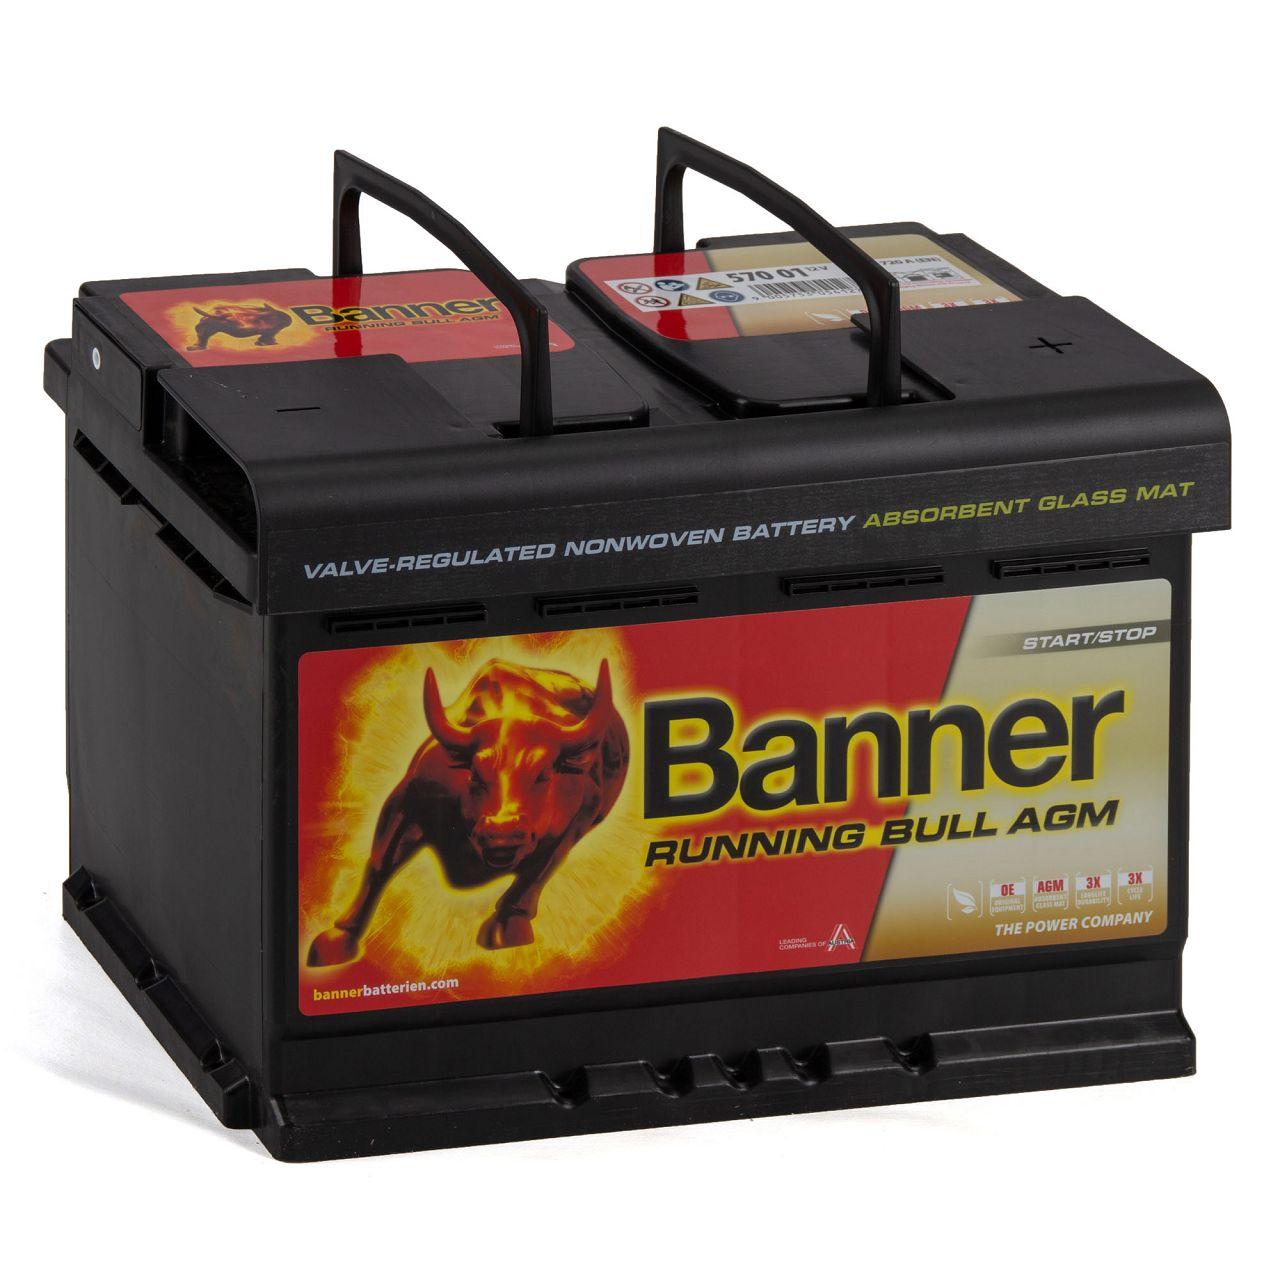 BANNER 57001 096AGMOE Running Bull AGM Autobatterie Batterie 12V 70Ah 720A